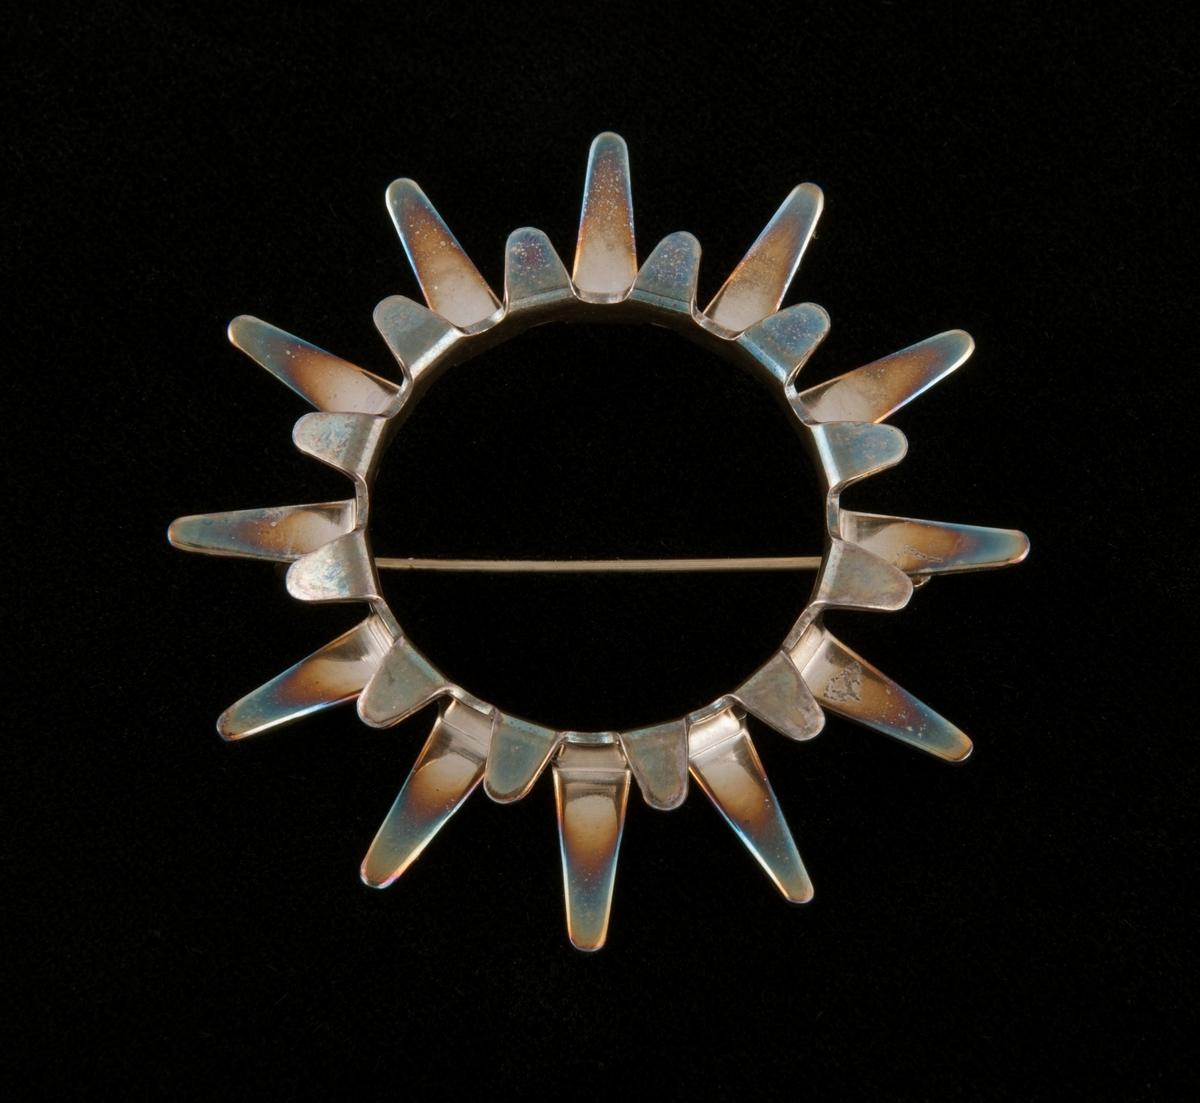 Blankpolert brosje stanset ut av en sølvplate og bøyd i form av en sirkulær stilisert sol, bestående av en ytre og en indre flikekrans. Flikene er bøyd slik at 13 korte fliker fyller mellomrommene mellom 13 lange fliker. Nålen er loddet på baksiden.